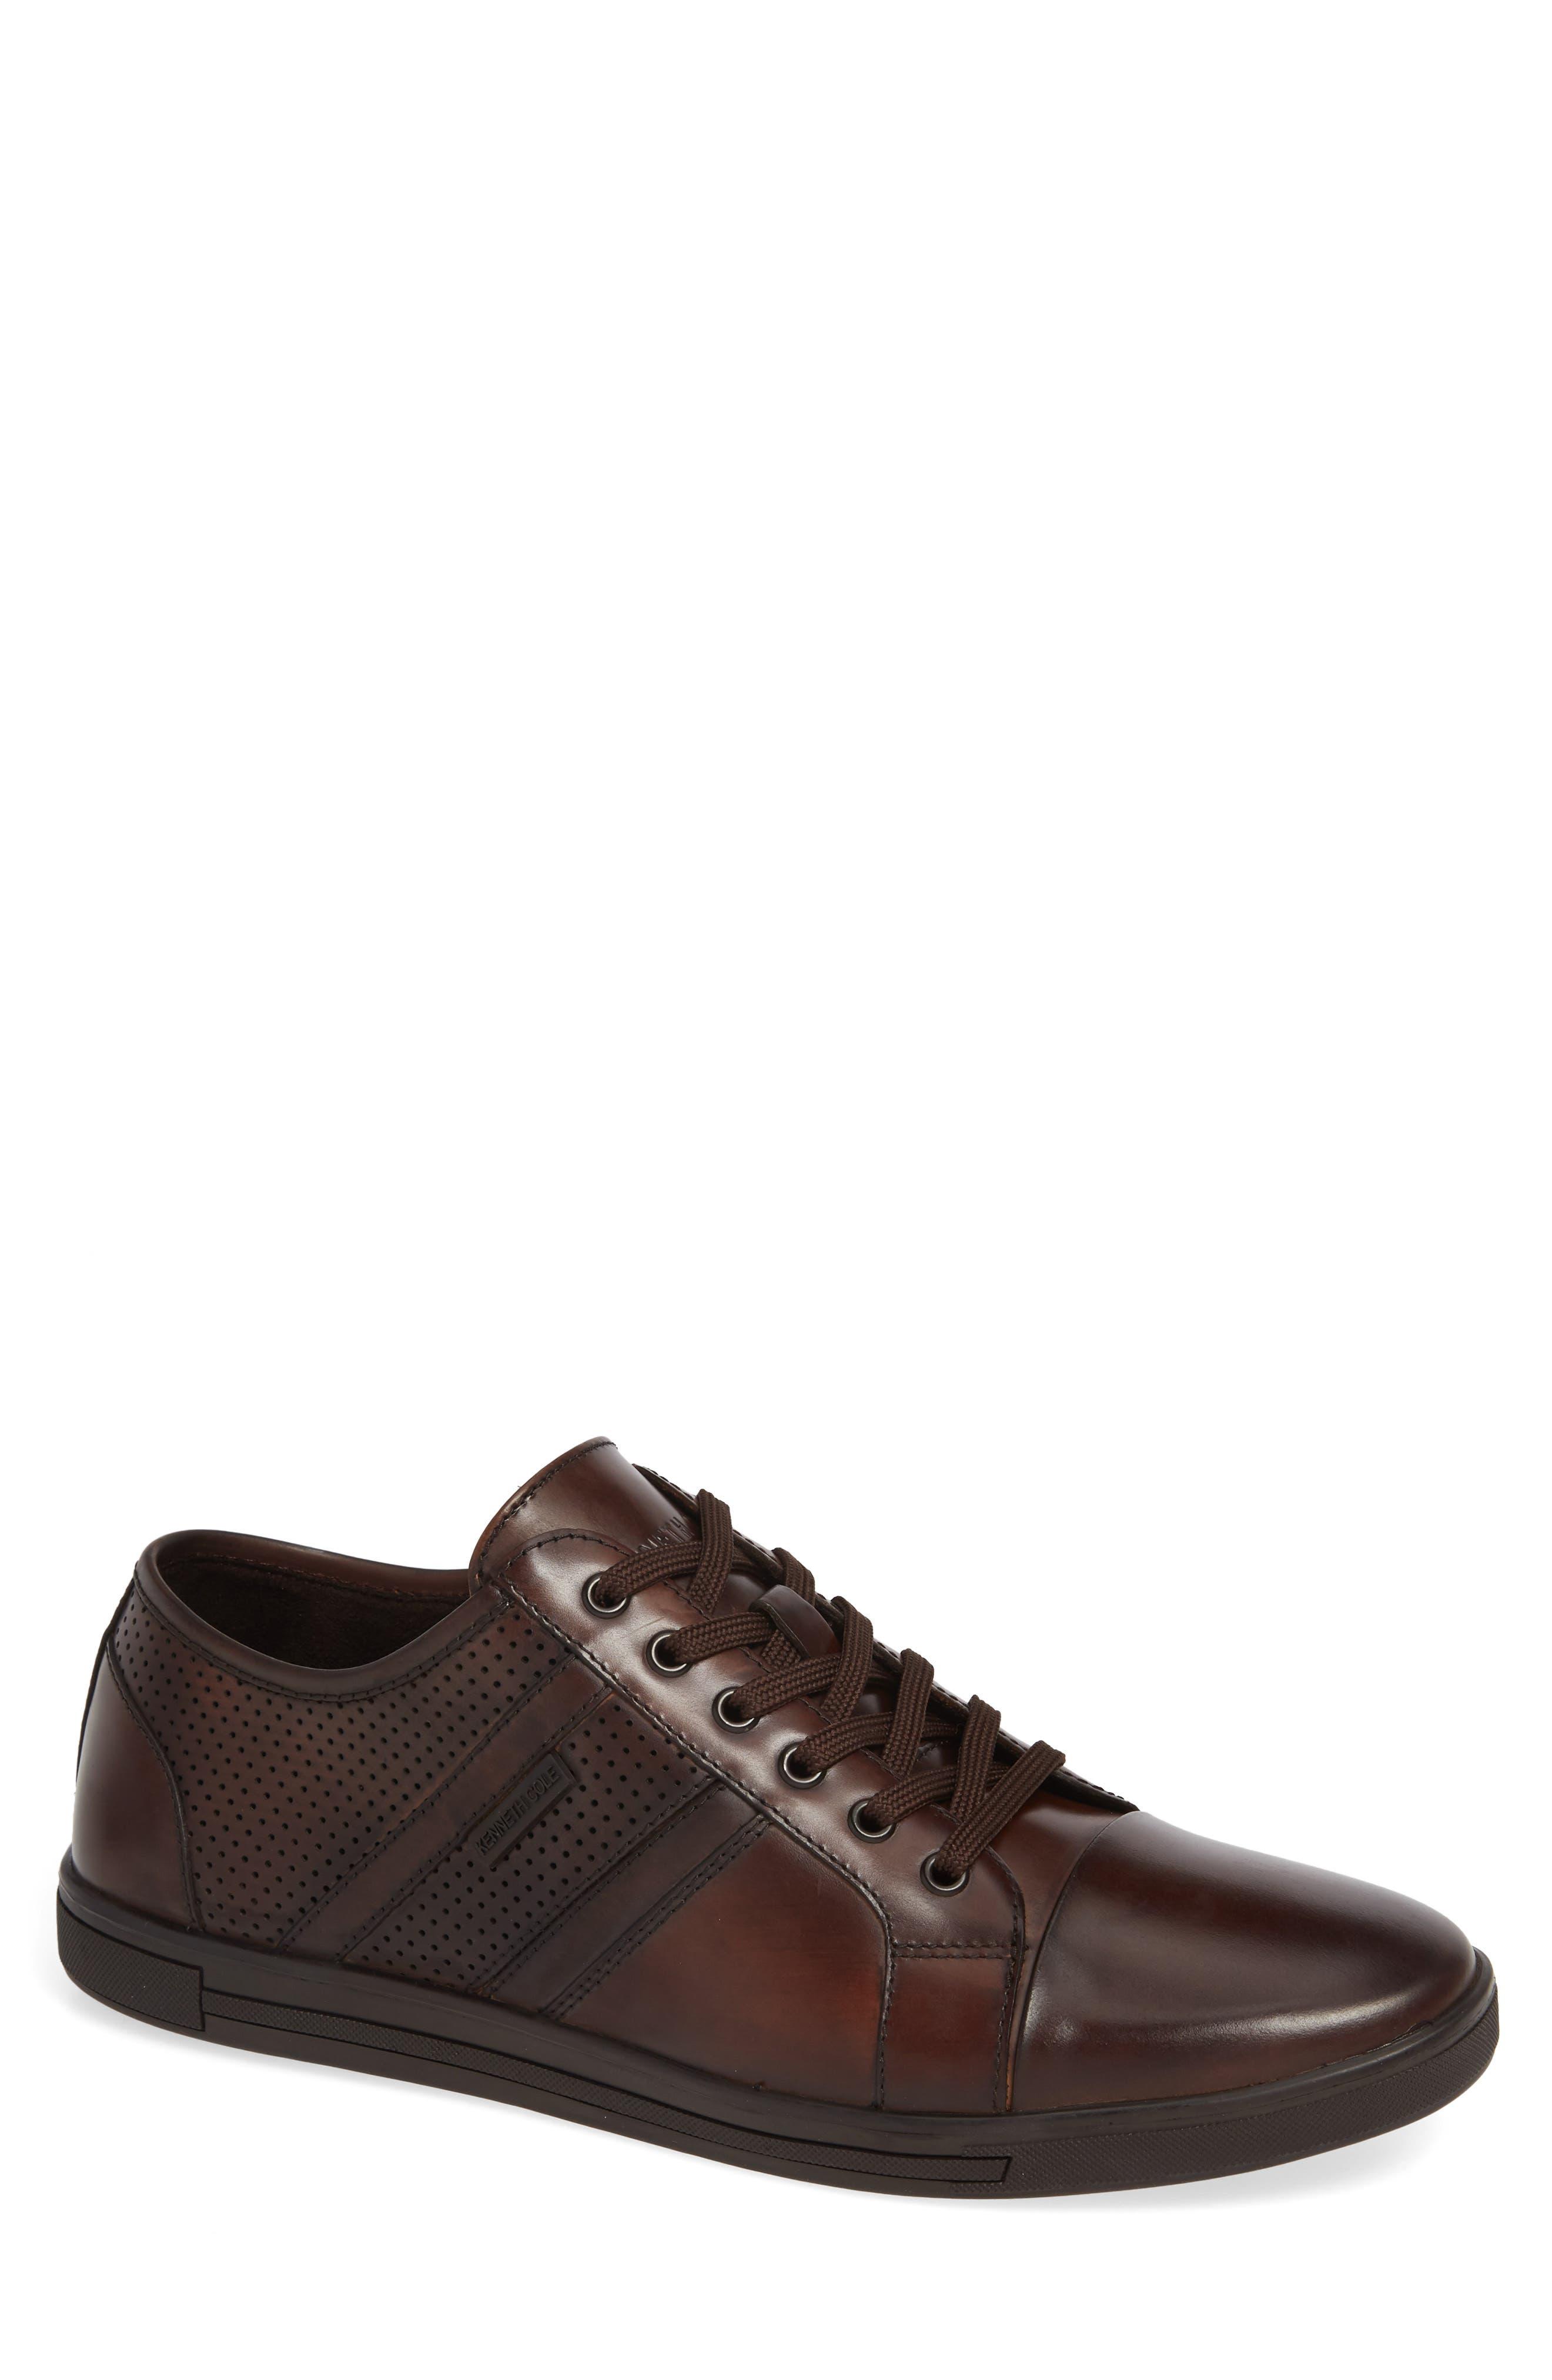 Initial Step Sneaker,                         Main,                         color, 200